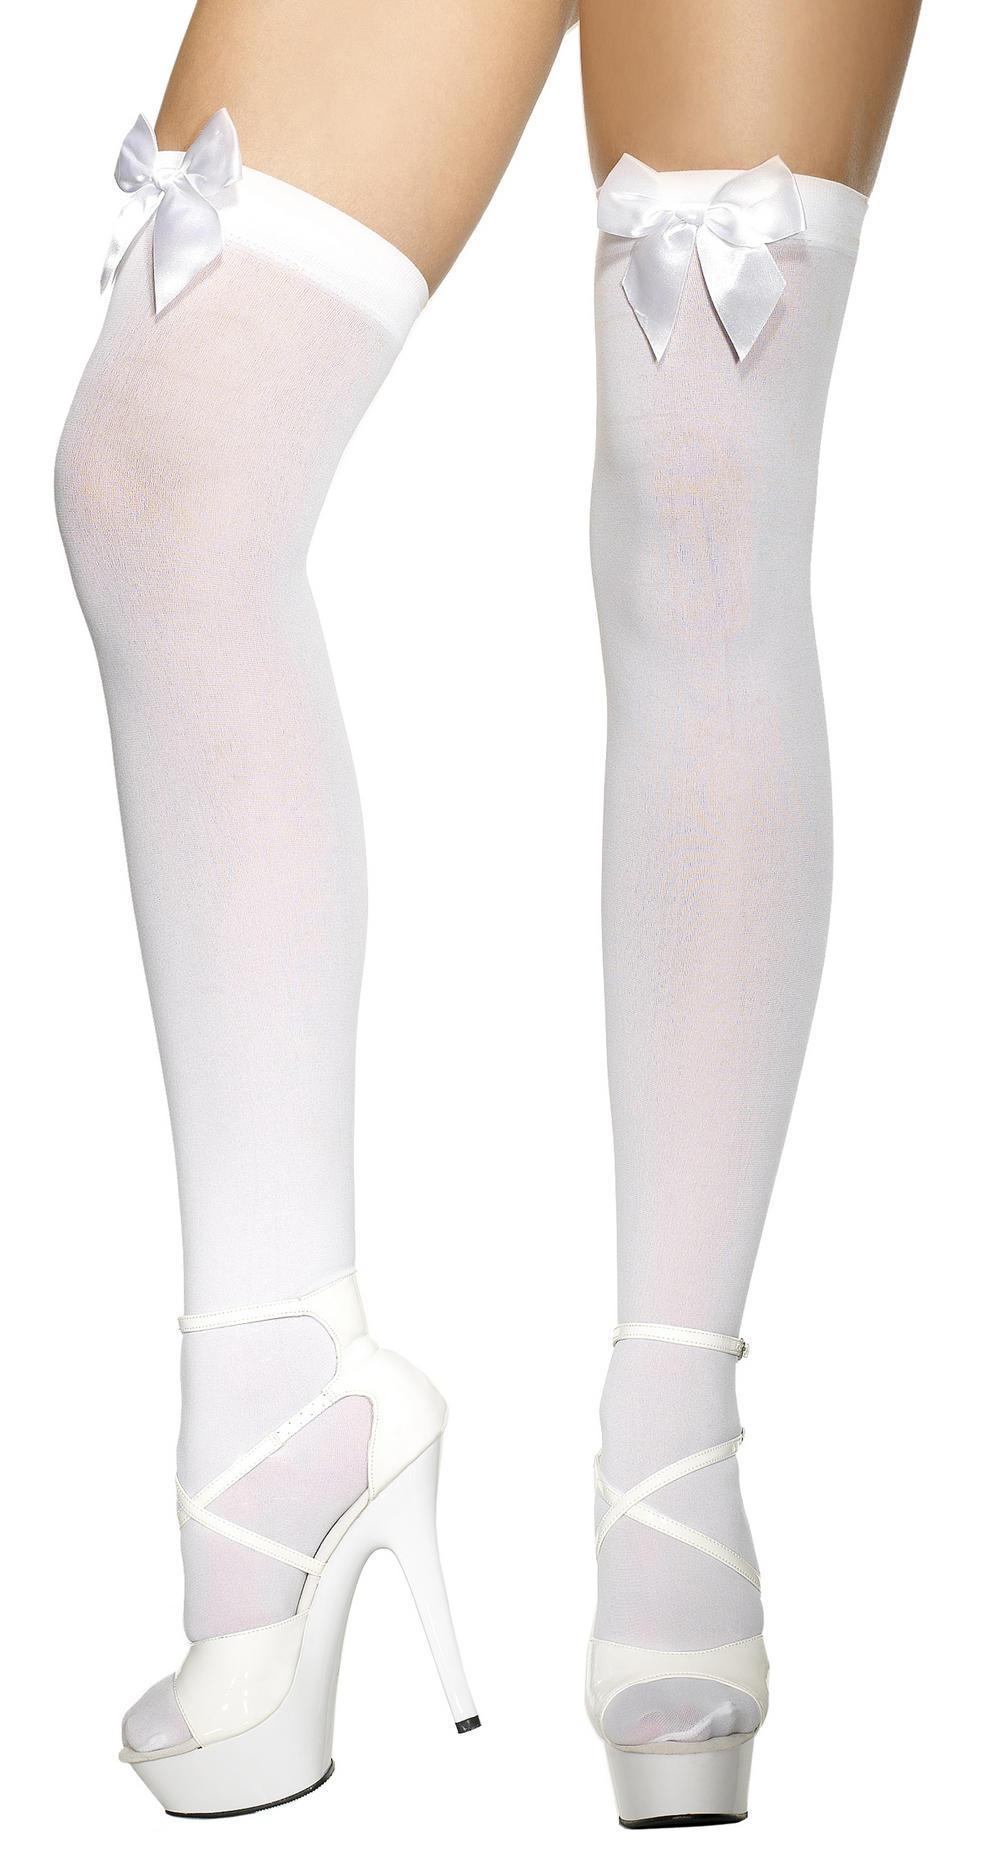 White Stockings with White Bows